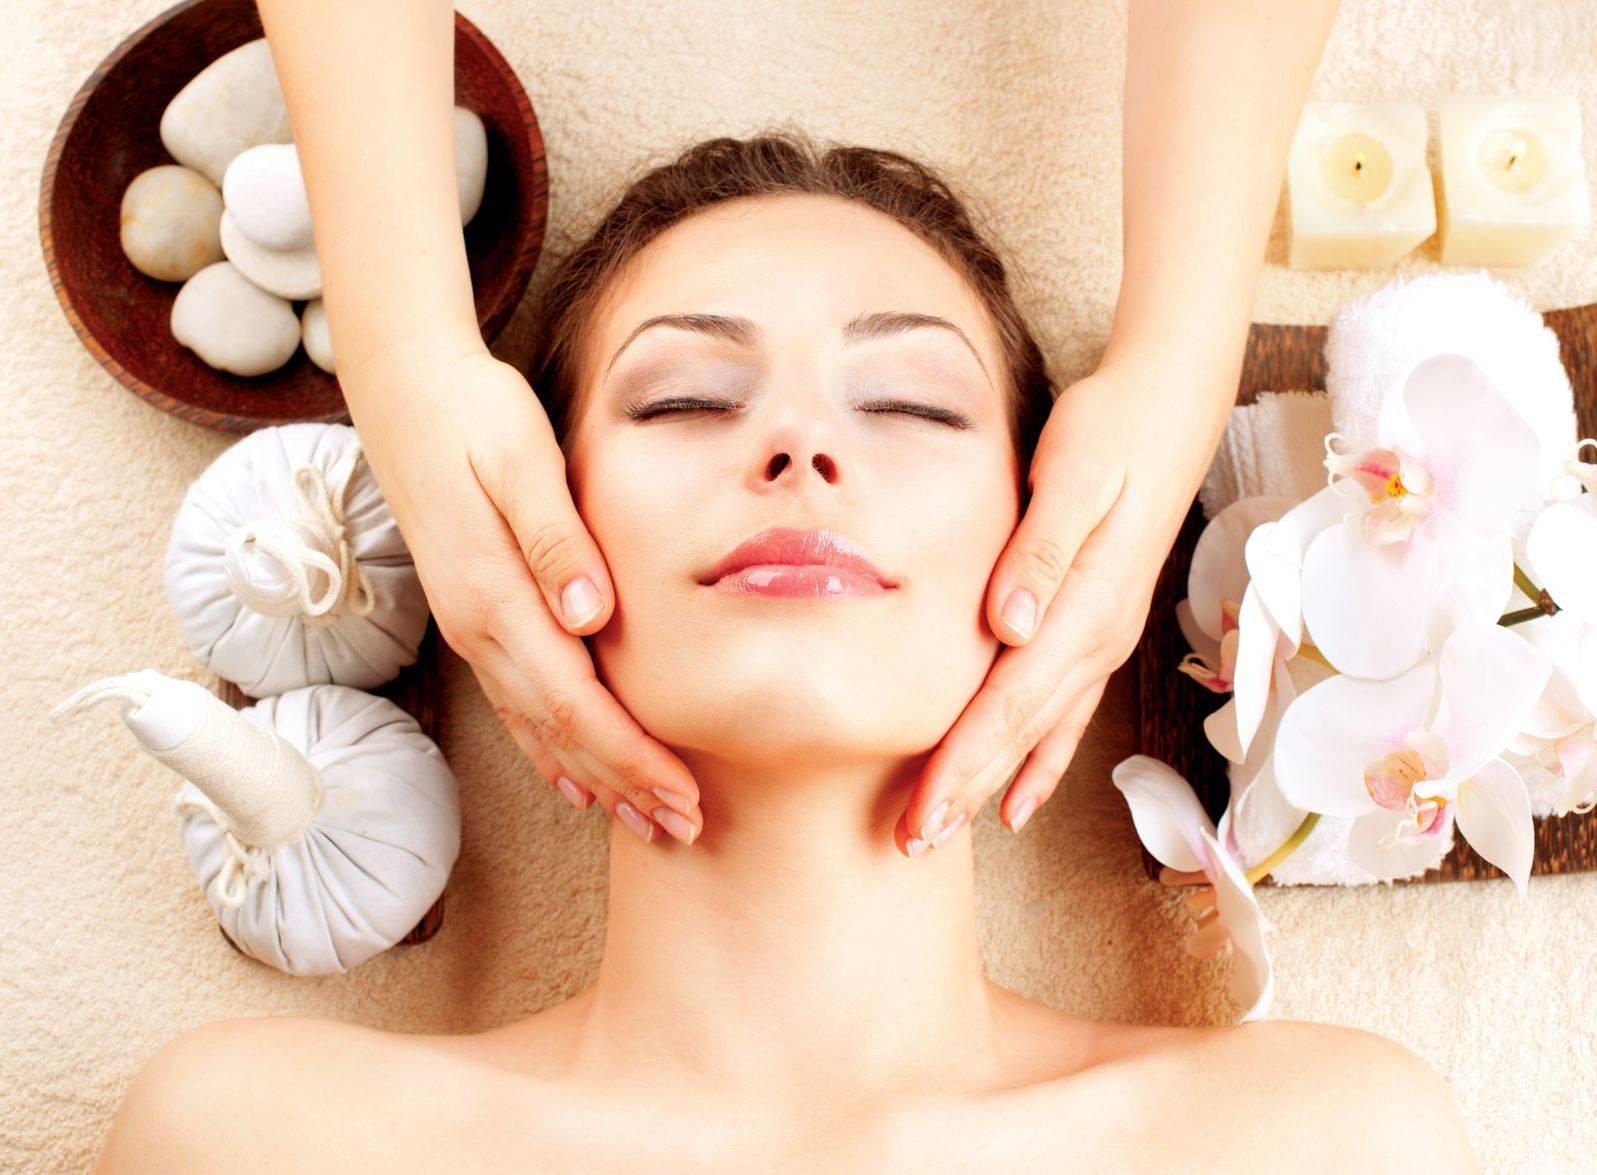 Особенности спа процедур для волос в салоне и домашних условиях